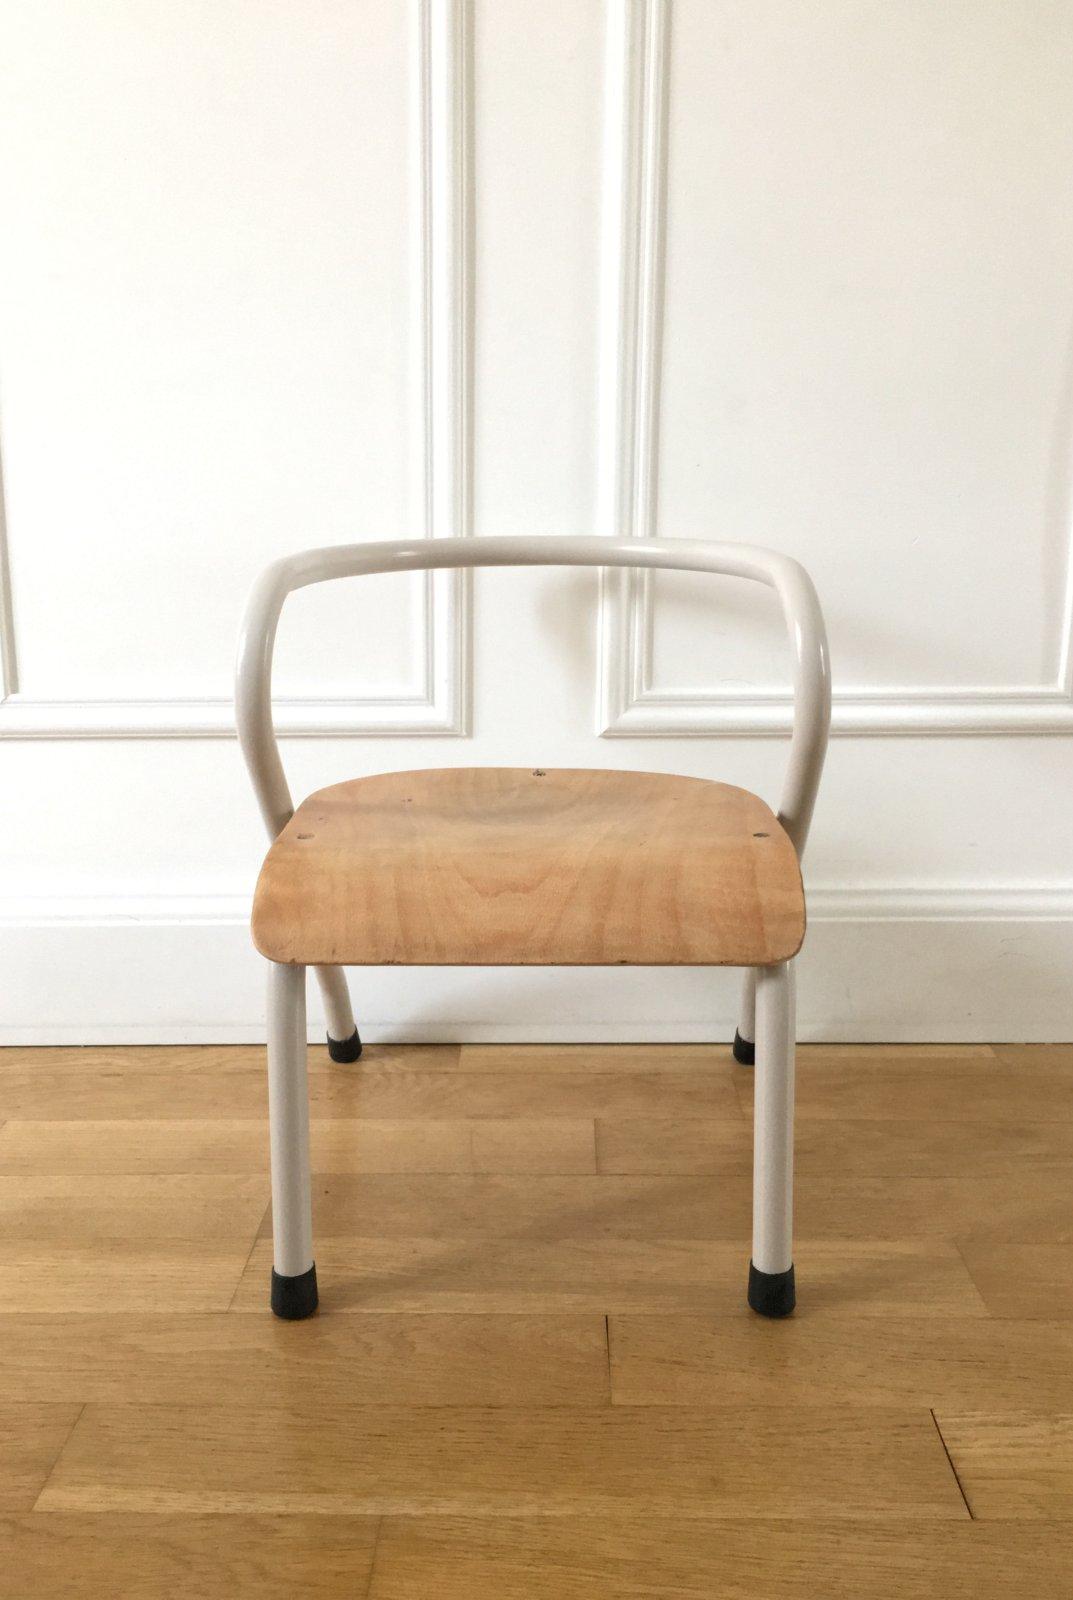 petite chaise mullca 300 de jacques hitier vaillant le petit meuble. Black Bedroom Furniture Sets. Home Design Ideas